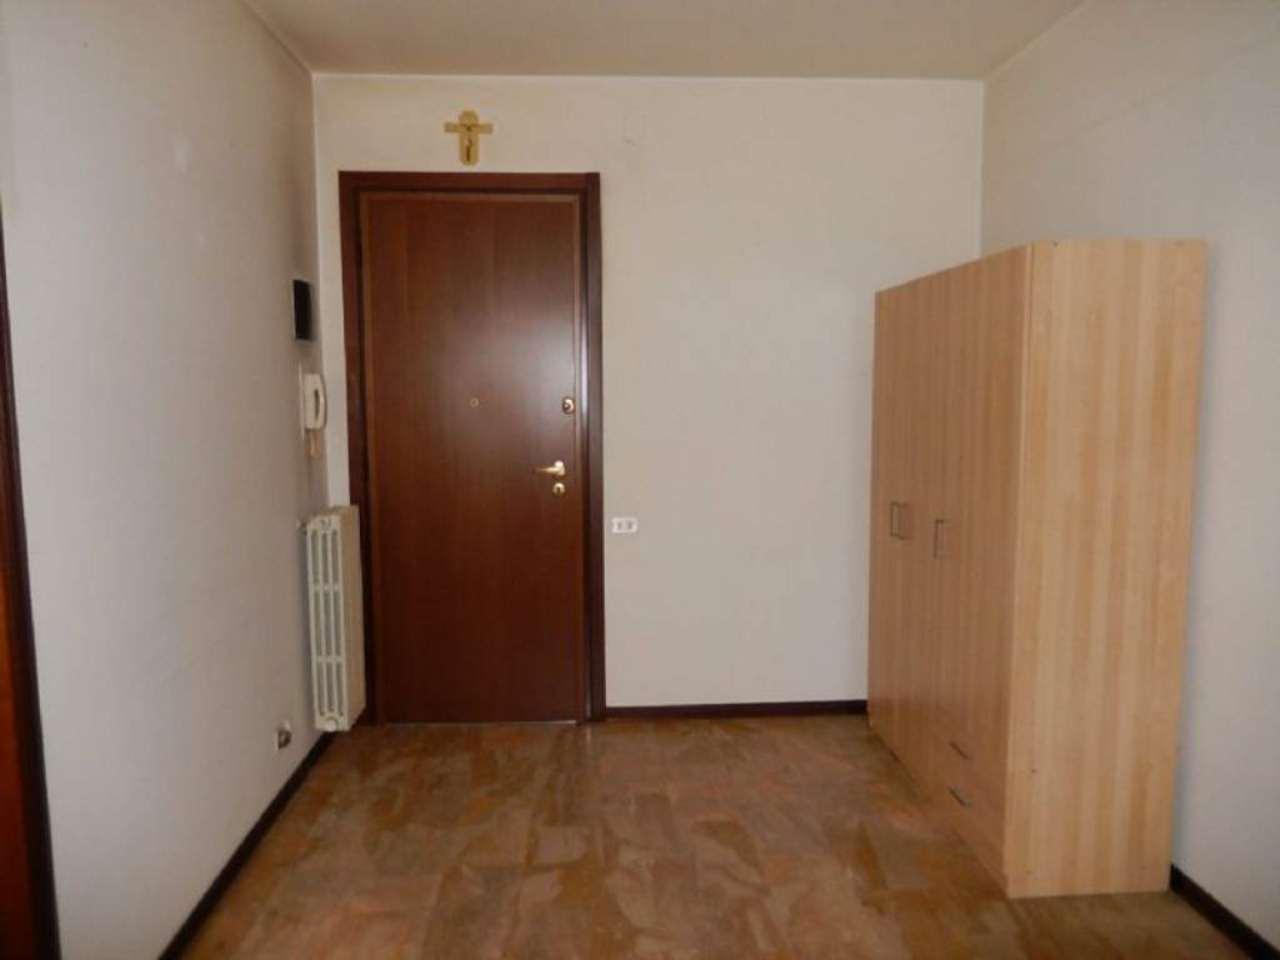 Appartamento in vendita a Padova, 6 locali, zona Zona: 6 . Ovest (Brentella-Valsugana), prezzo € 149.000 | CambioCasa.it